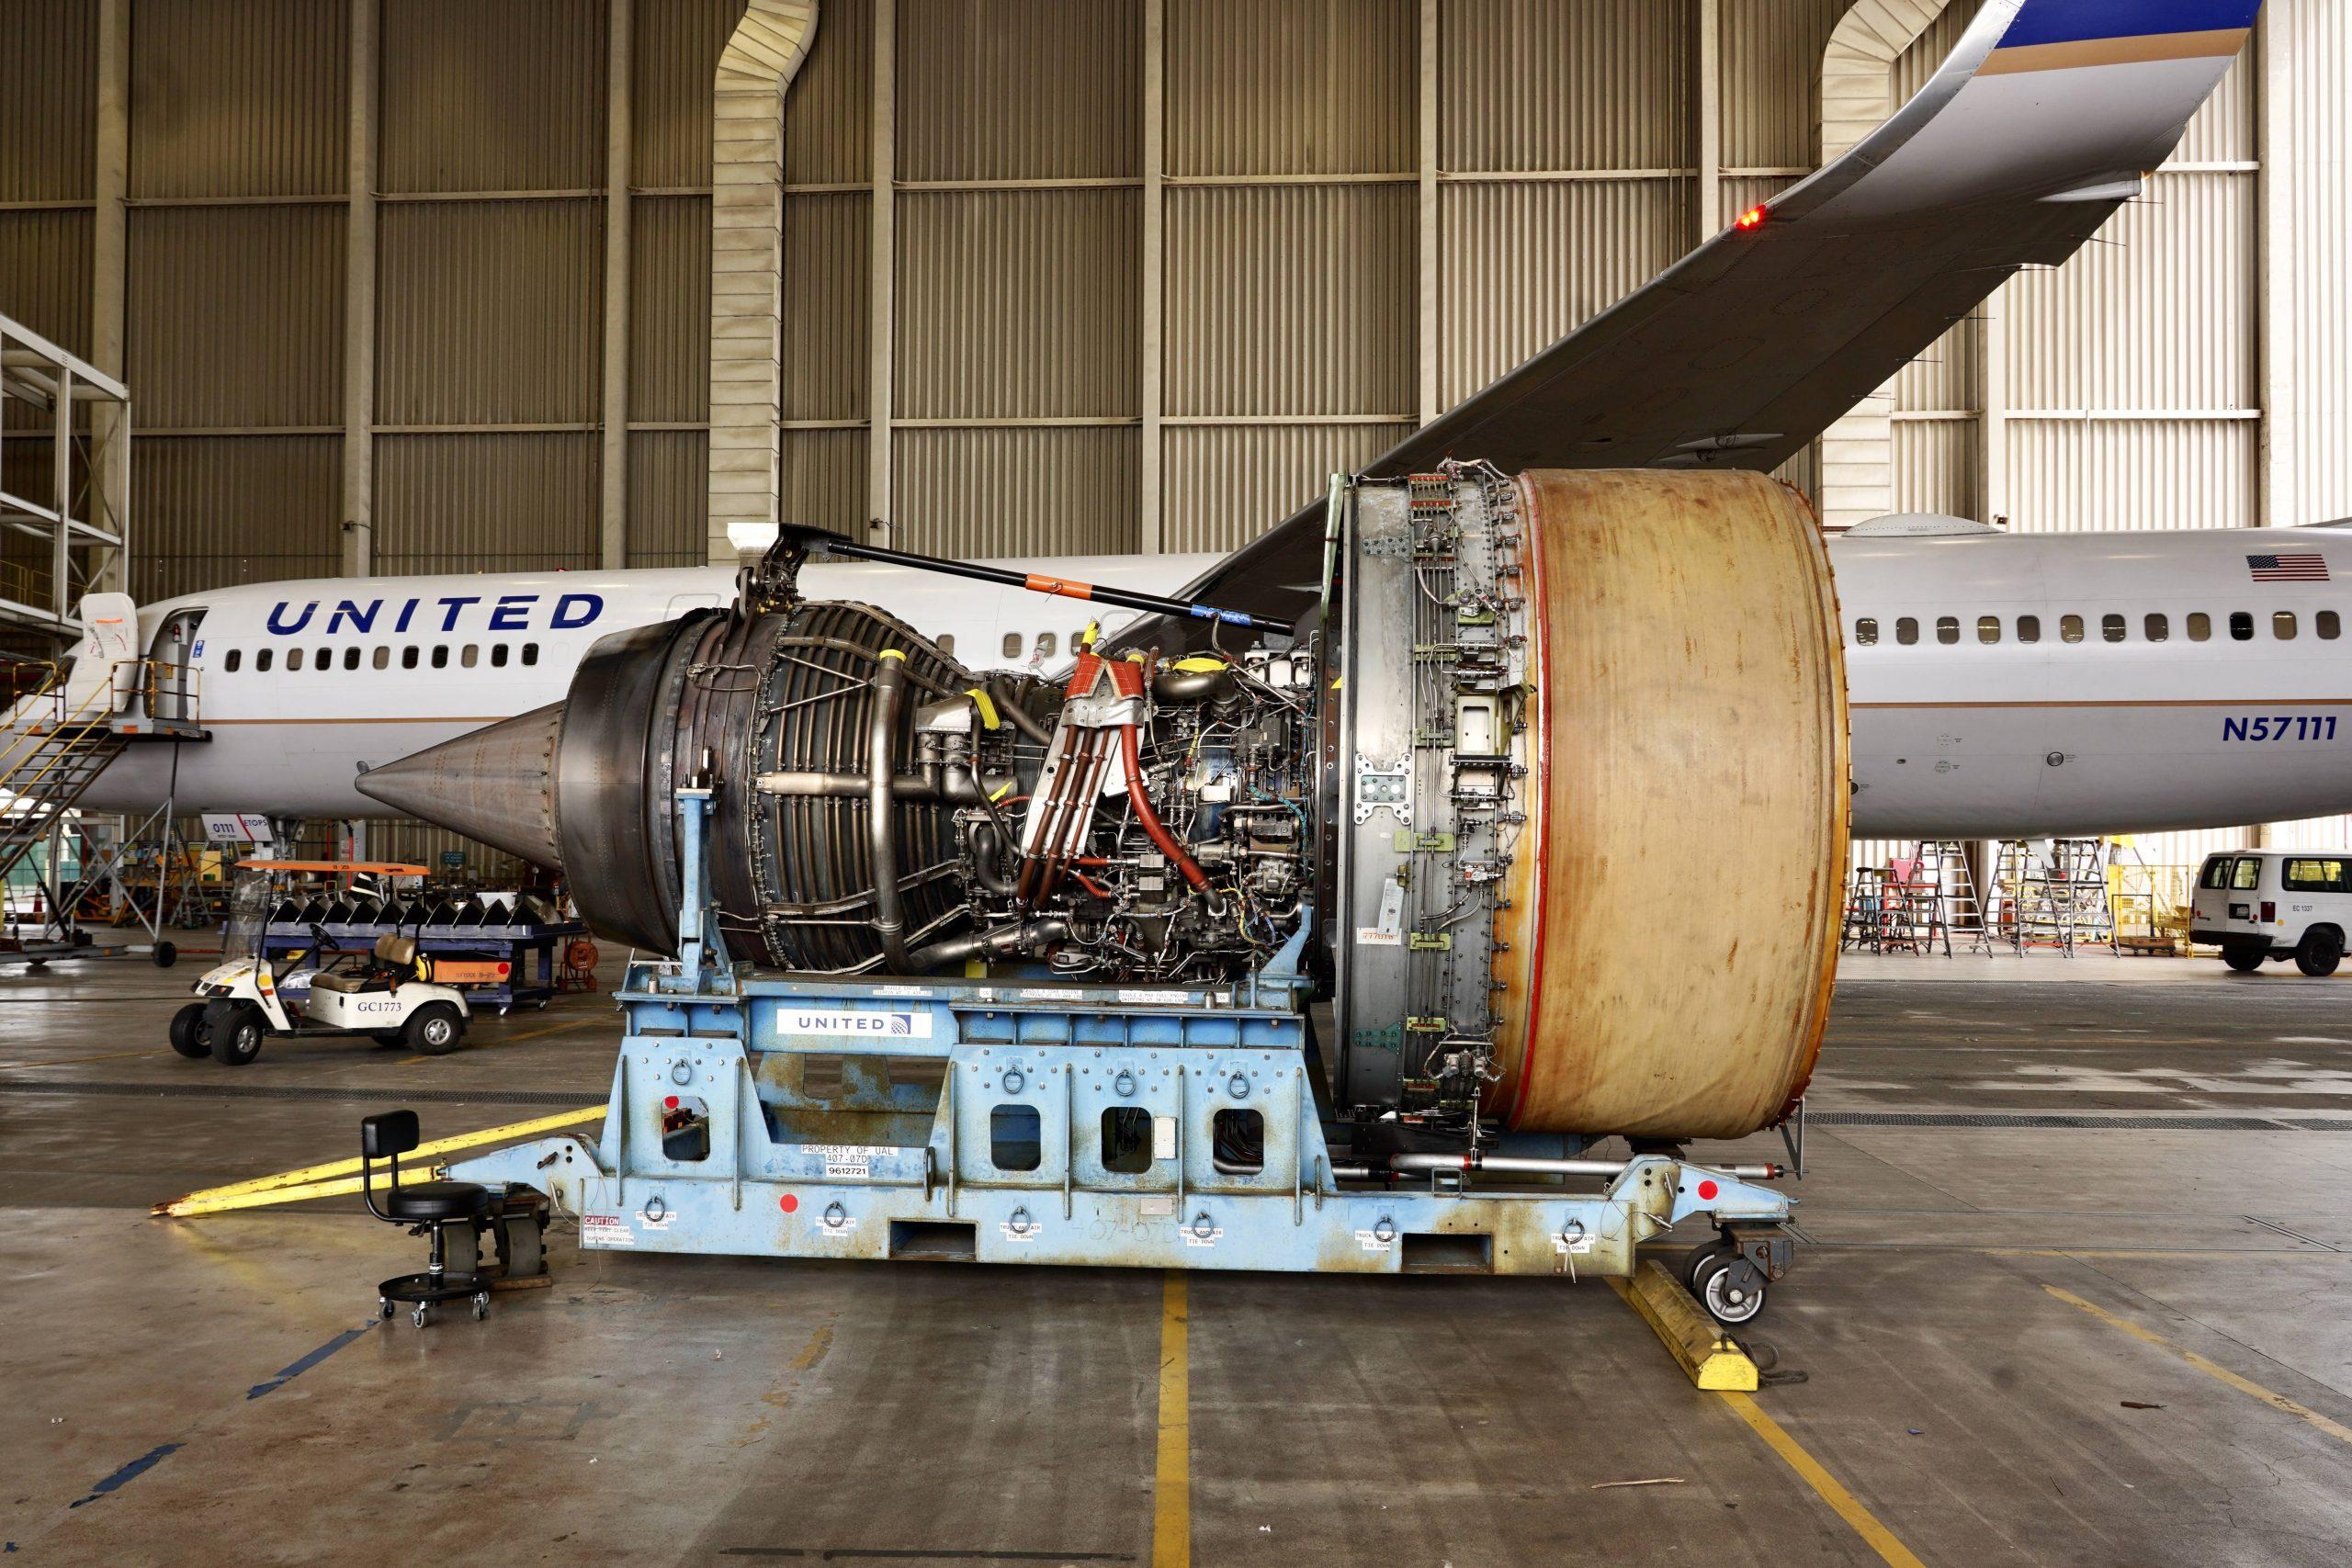 Pratt & Whitney-motor til United-fly. (Foto: 17crossfeed | Imgur)